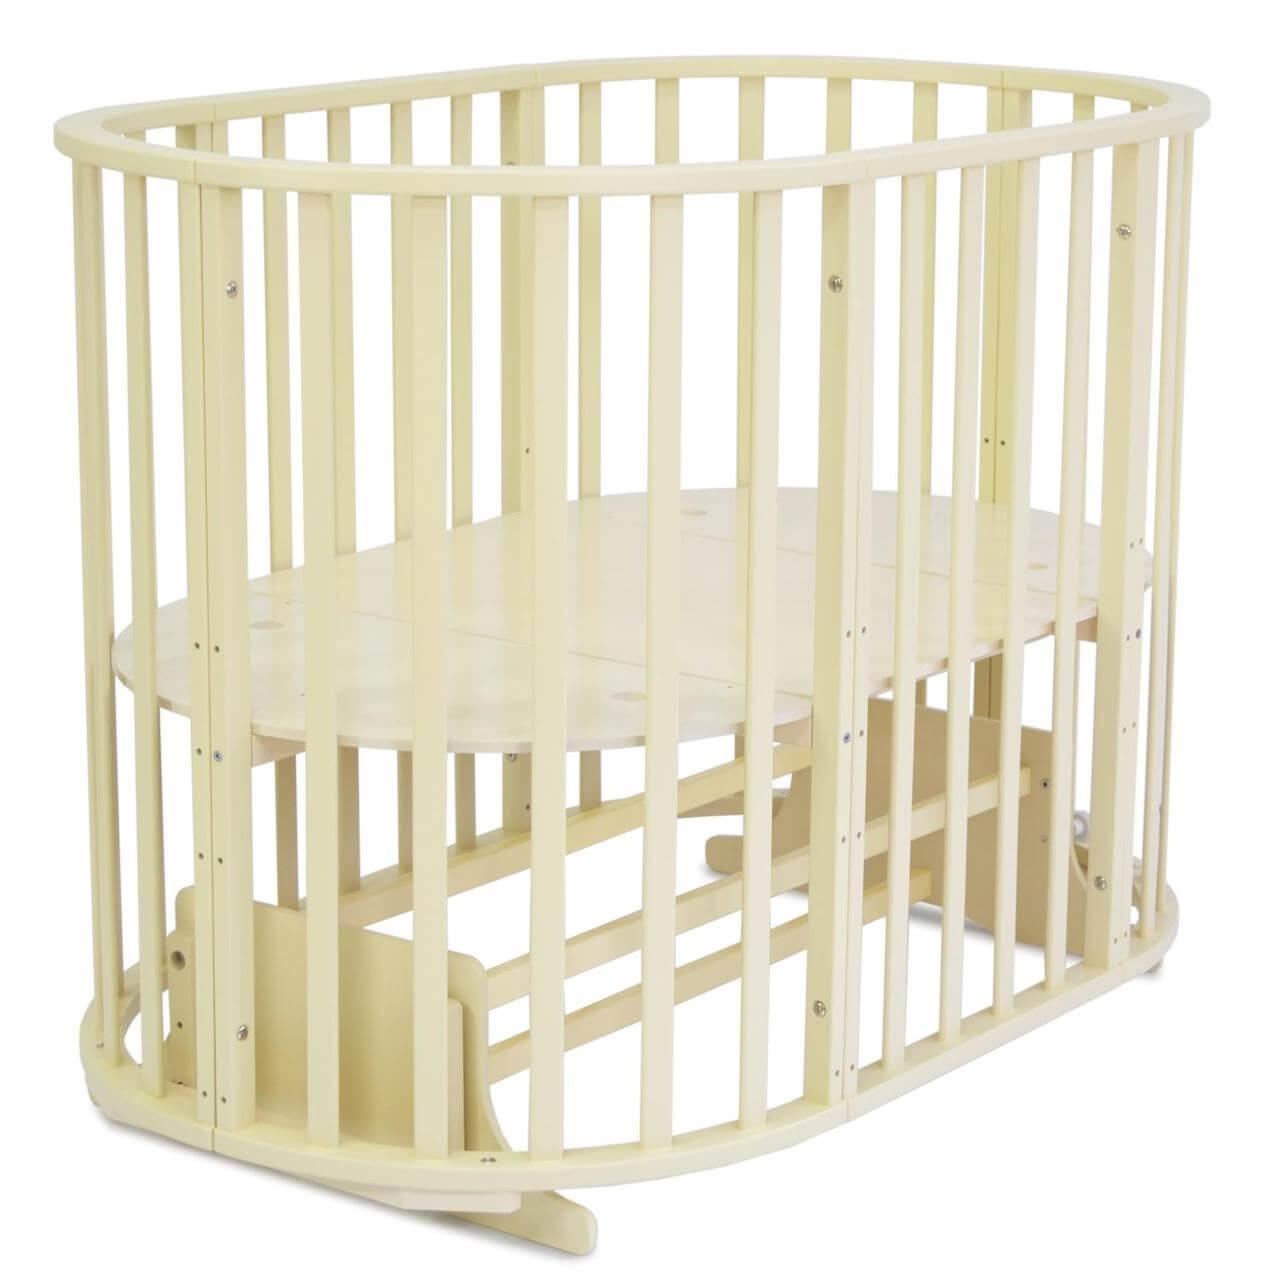 СКВ-10 Кровать детская универсальная (цвет бежевый)